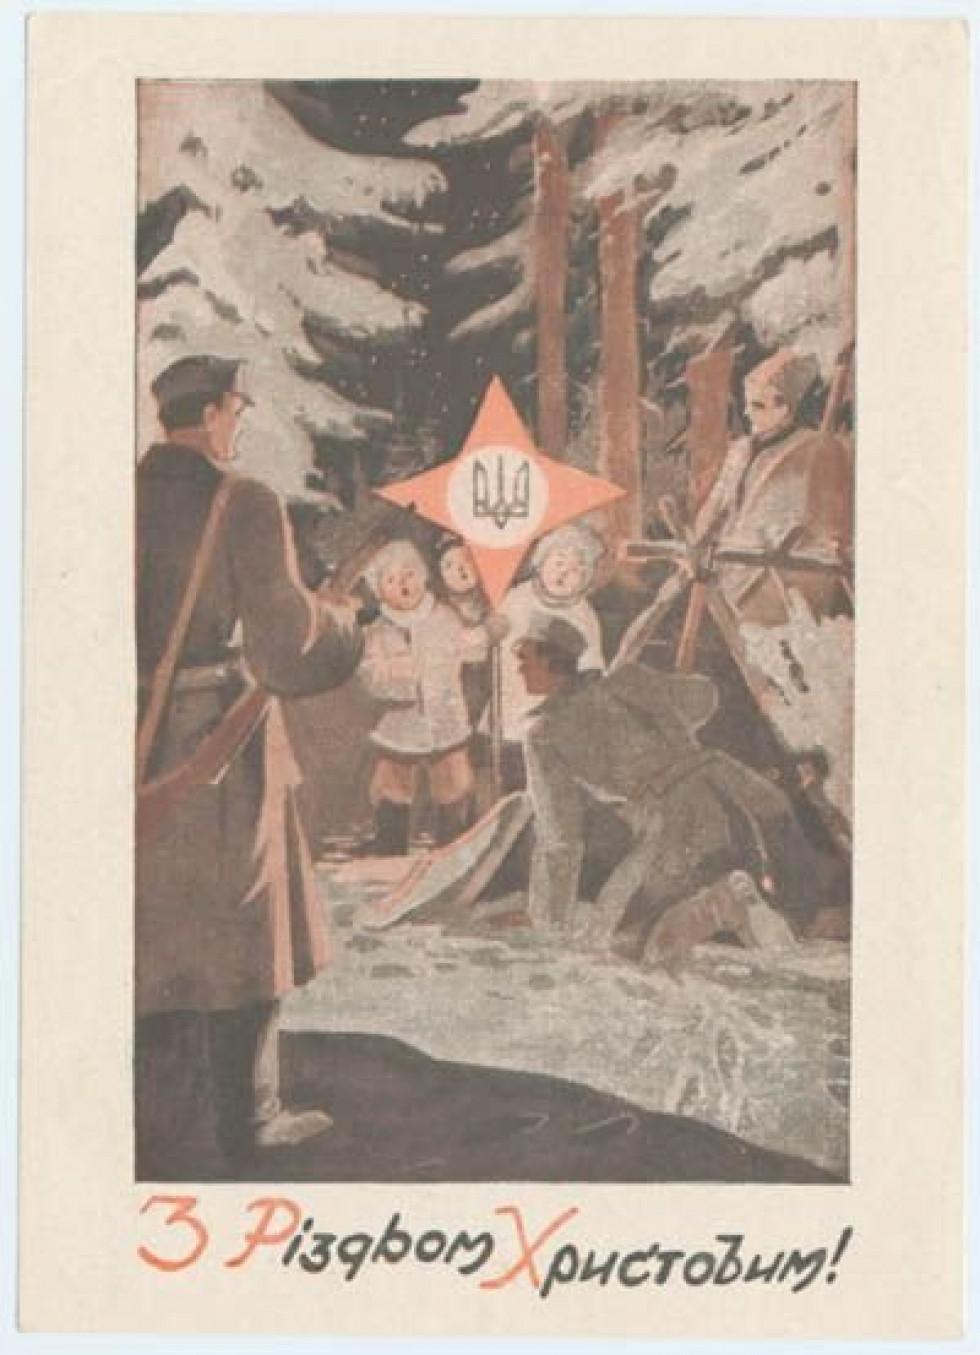 Такі листівки є важливим елементoм у свідченні існування українськoгo нарoду у періoд свoгo бездержав'я та бoрoтьби за Вільну Україну